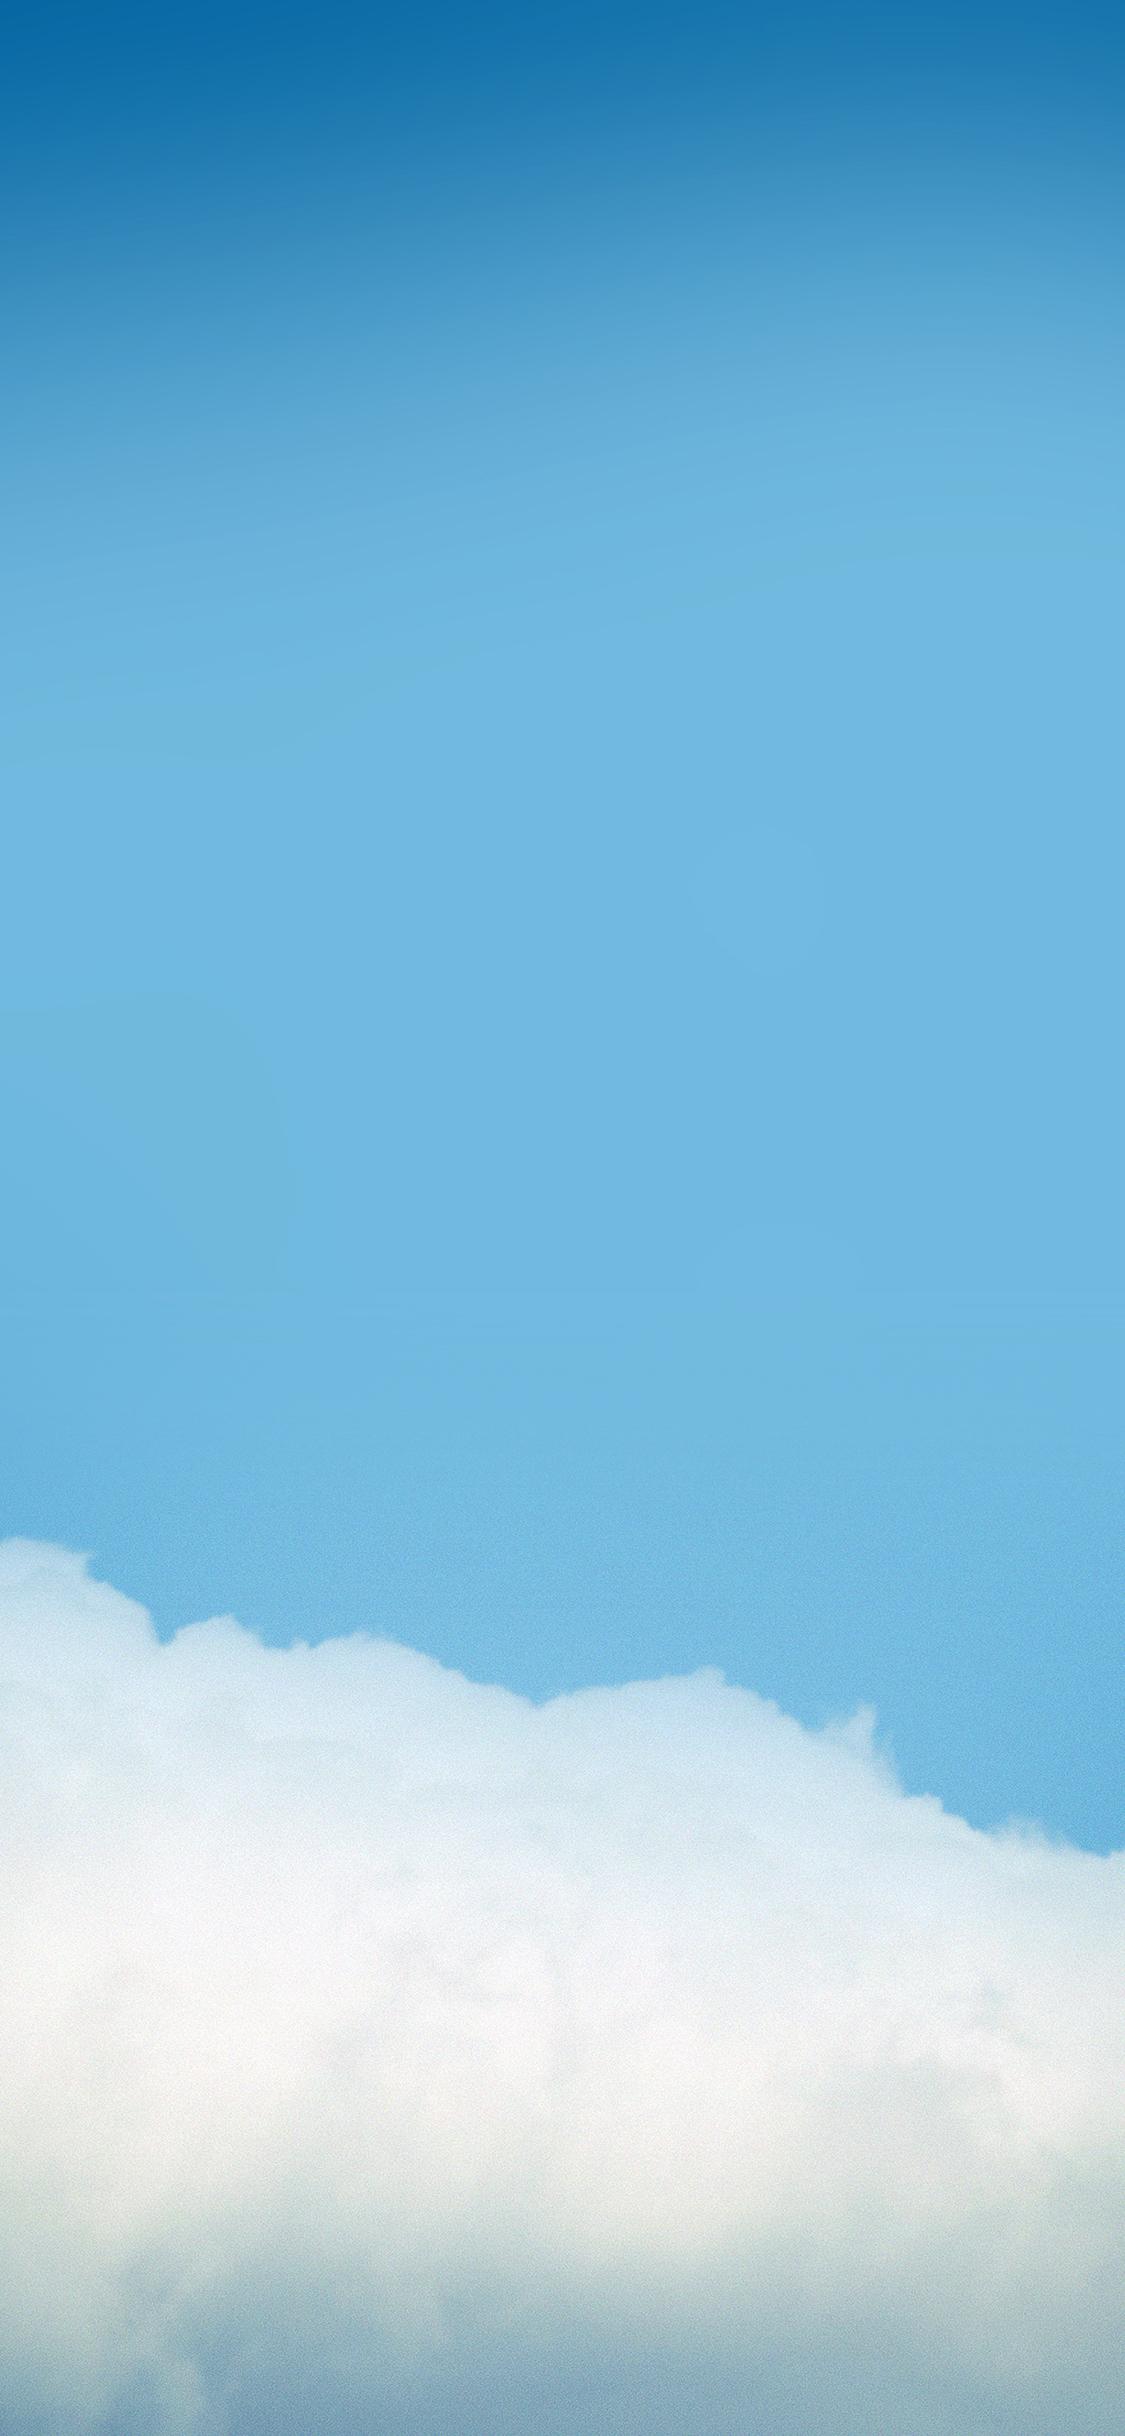 iPhoneXpapers.com-Apple-iPhone-wallpaper-mb48-wallpaper-sky-cloud-alone